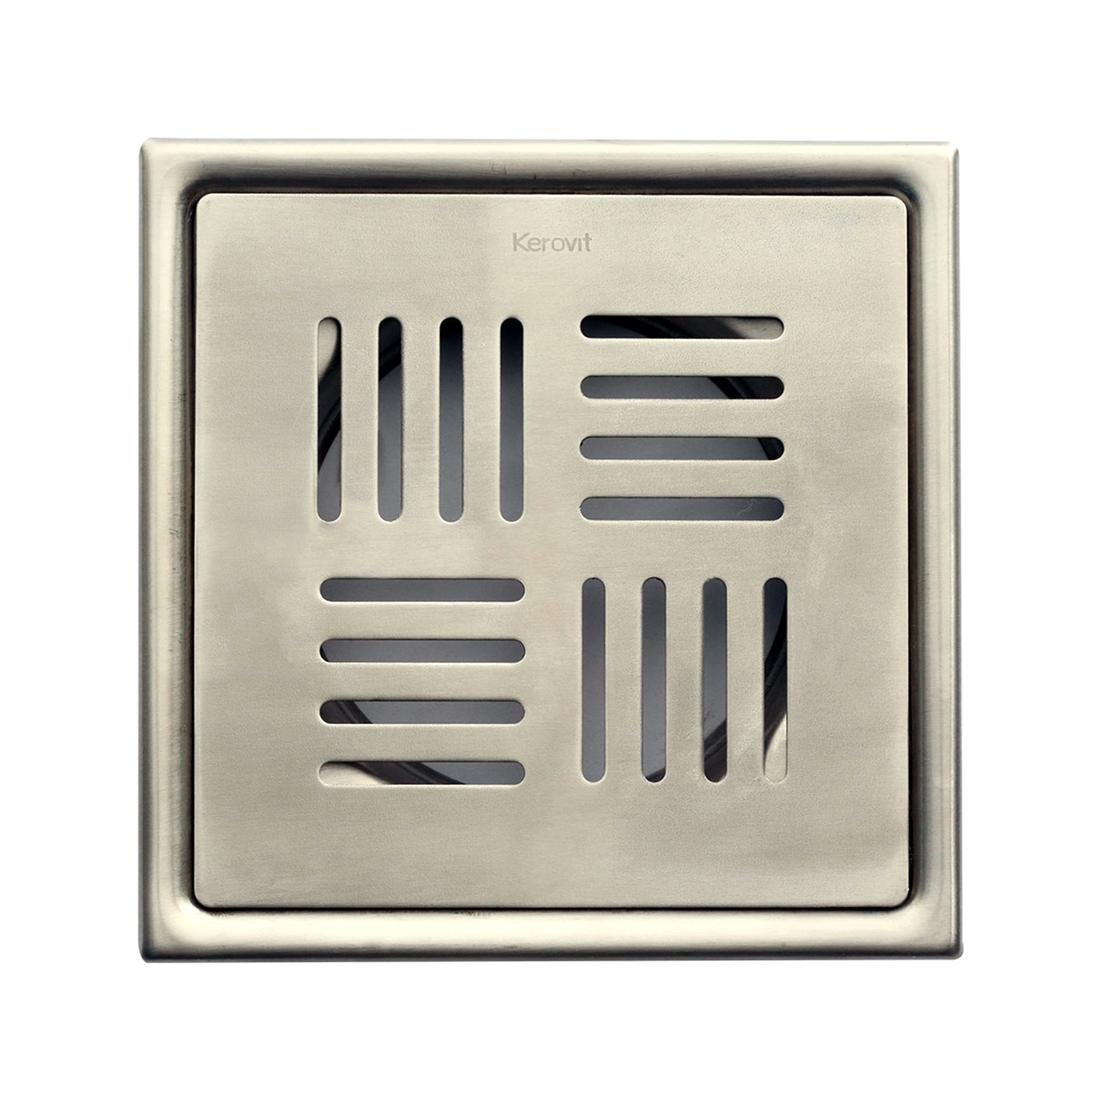 Kerovit KA640001 Stainless Steel Floor Drainer